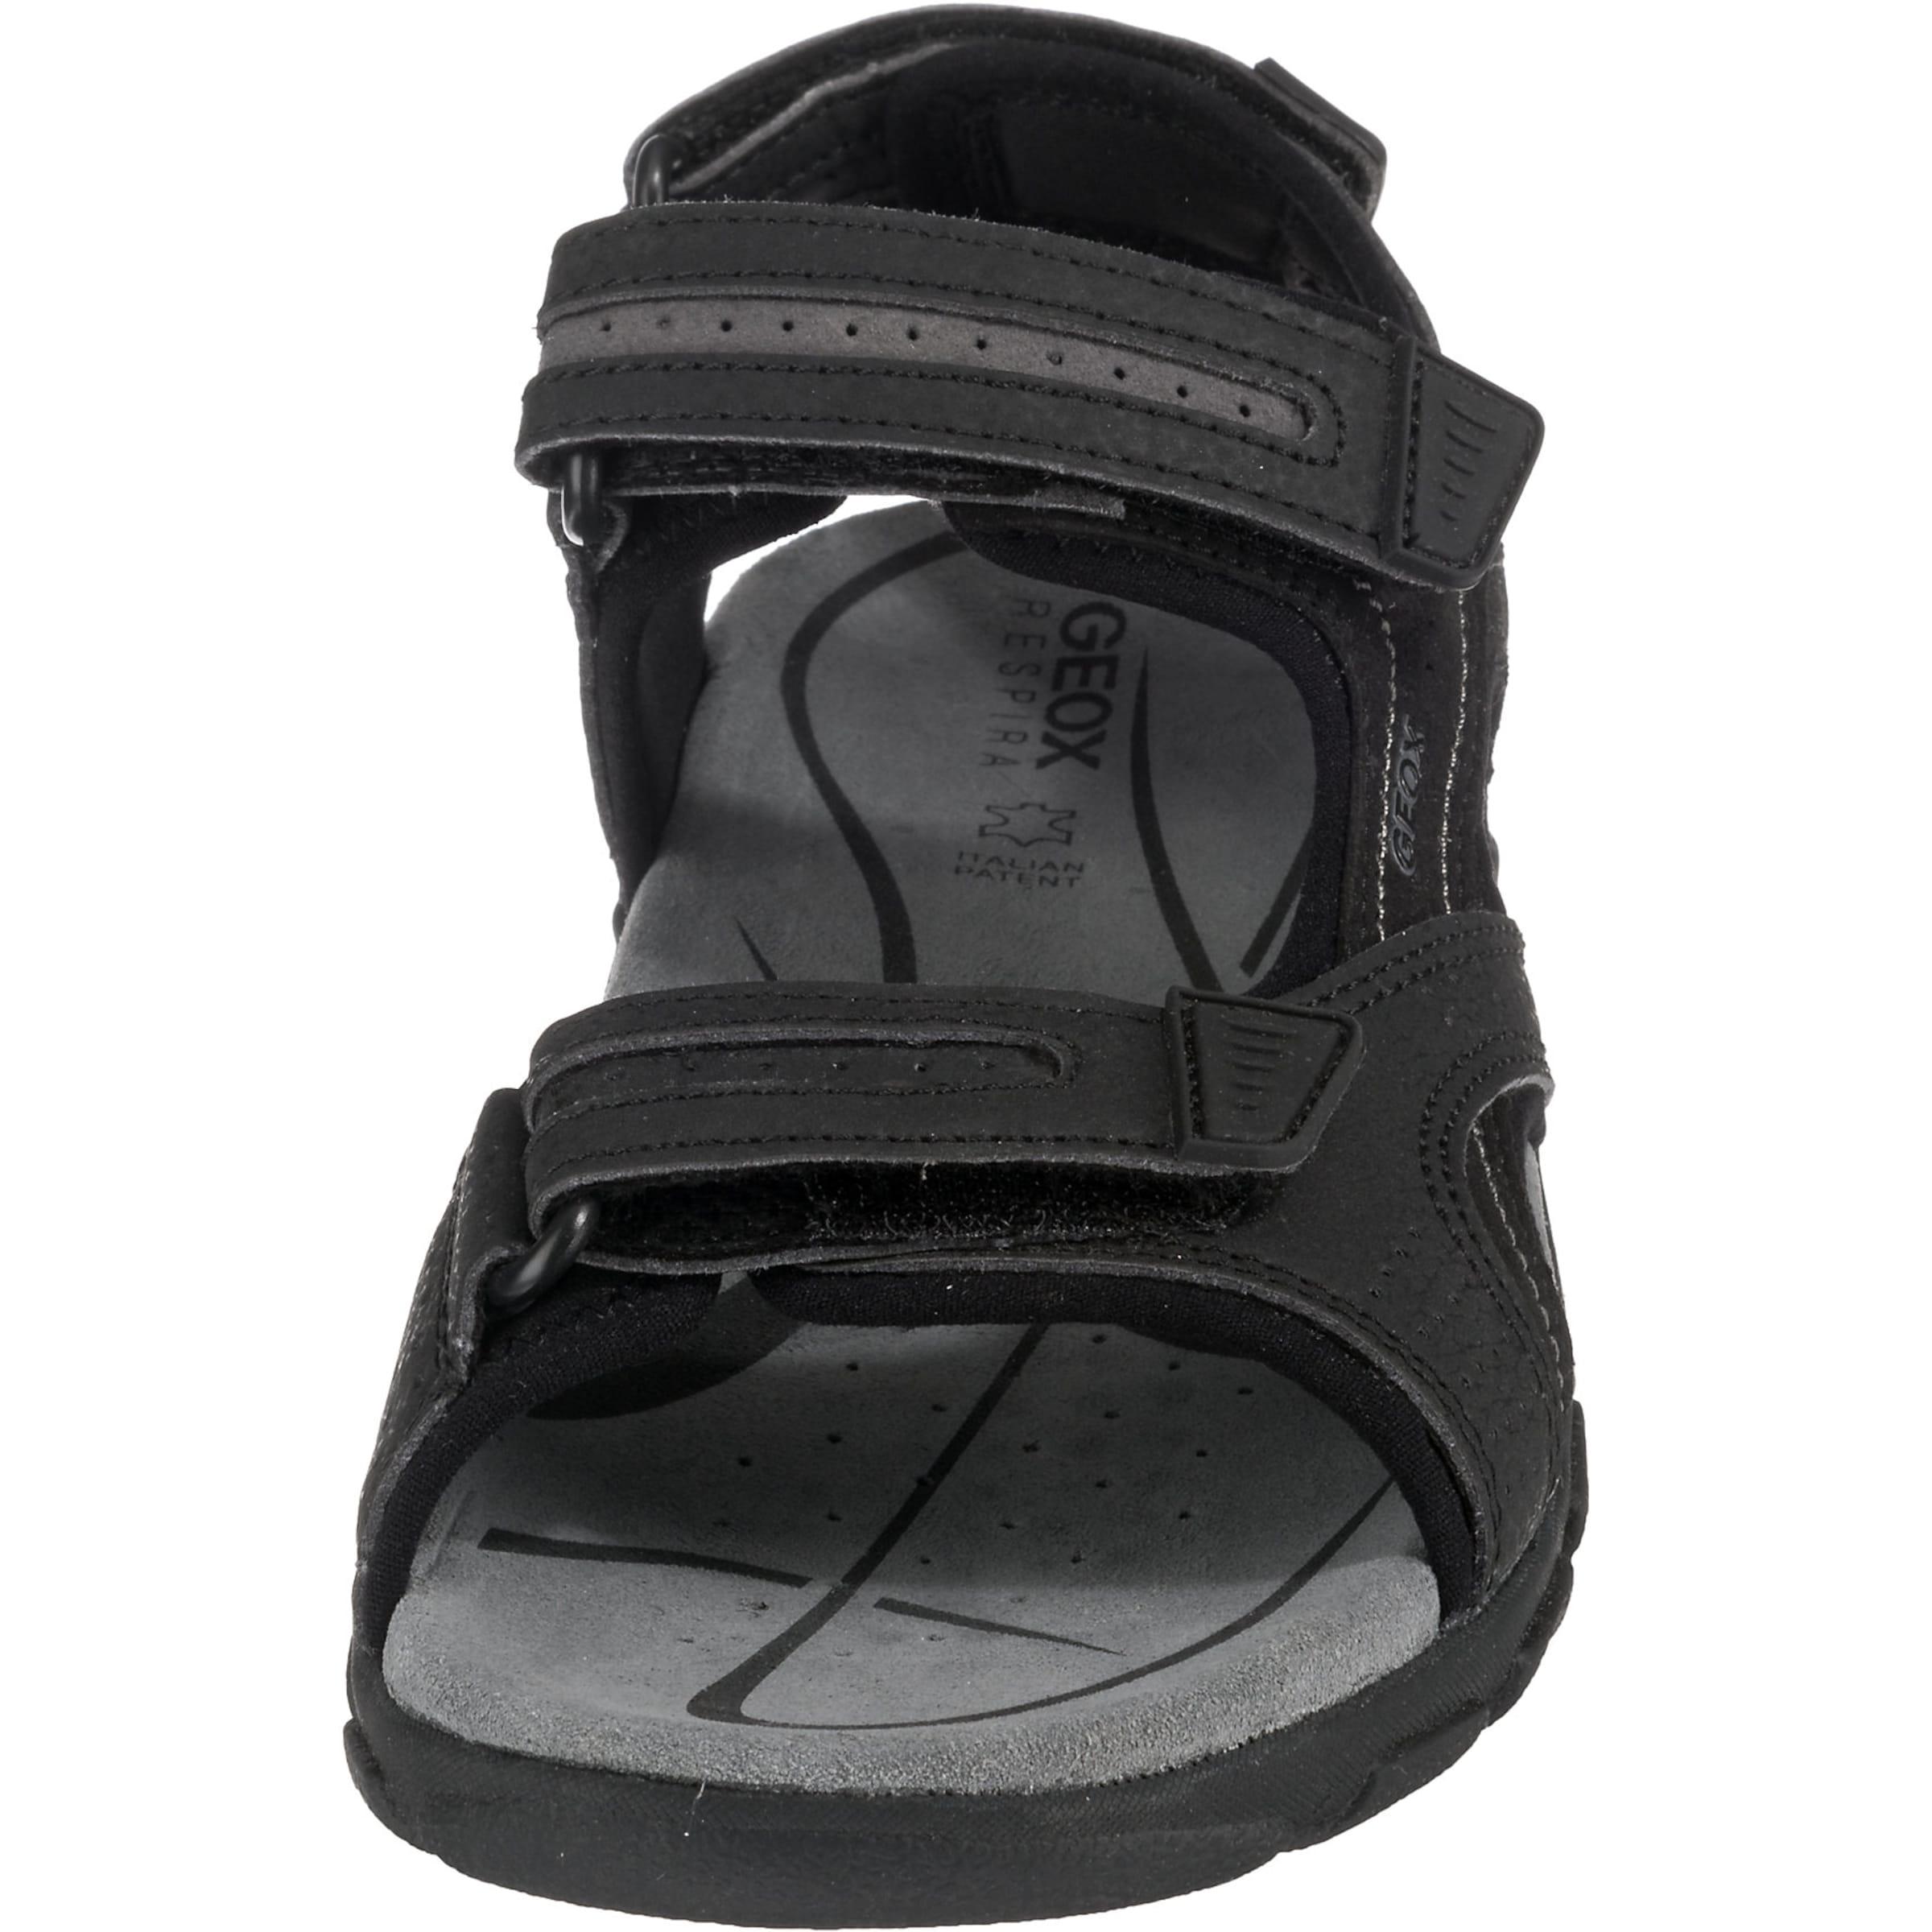 Geox Sandale Sandale GraphitSchwarz Geox In GraphitSchwarz In vwNOym8n0